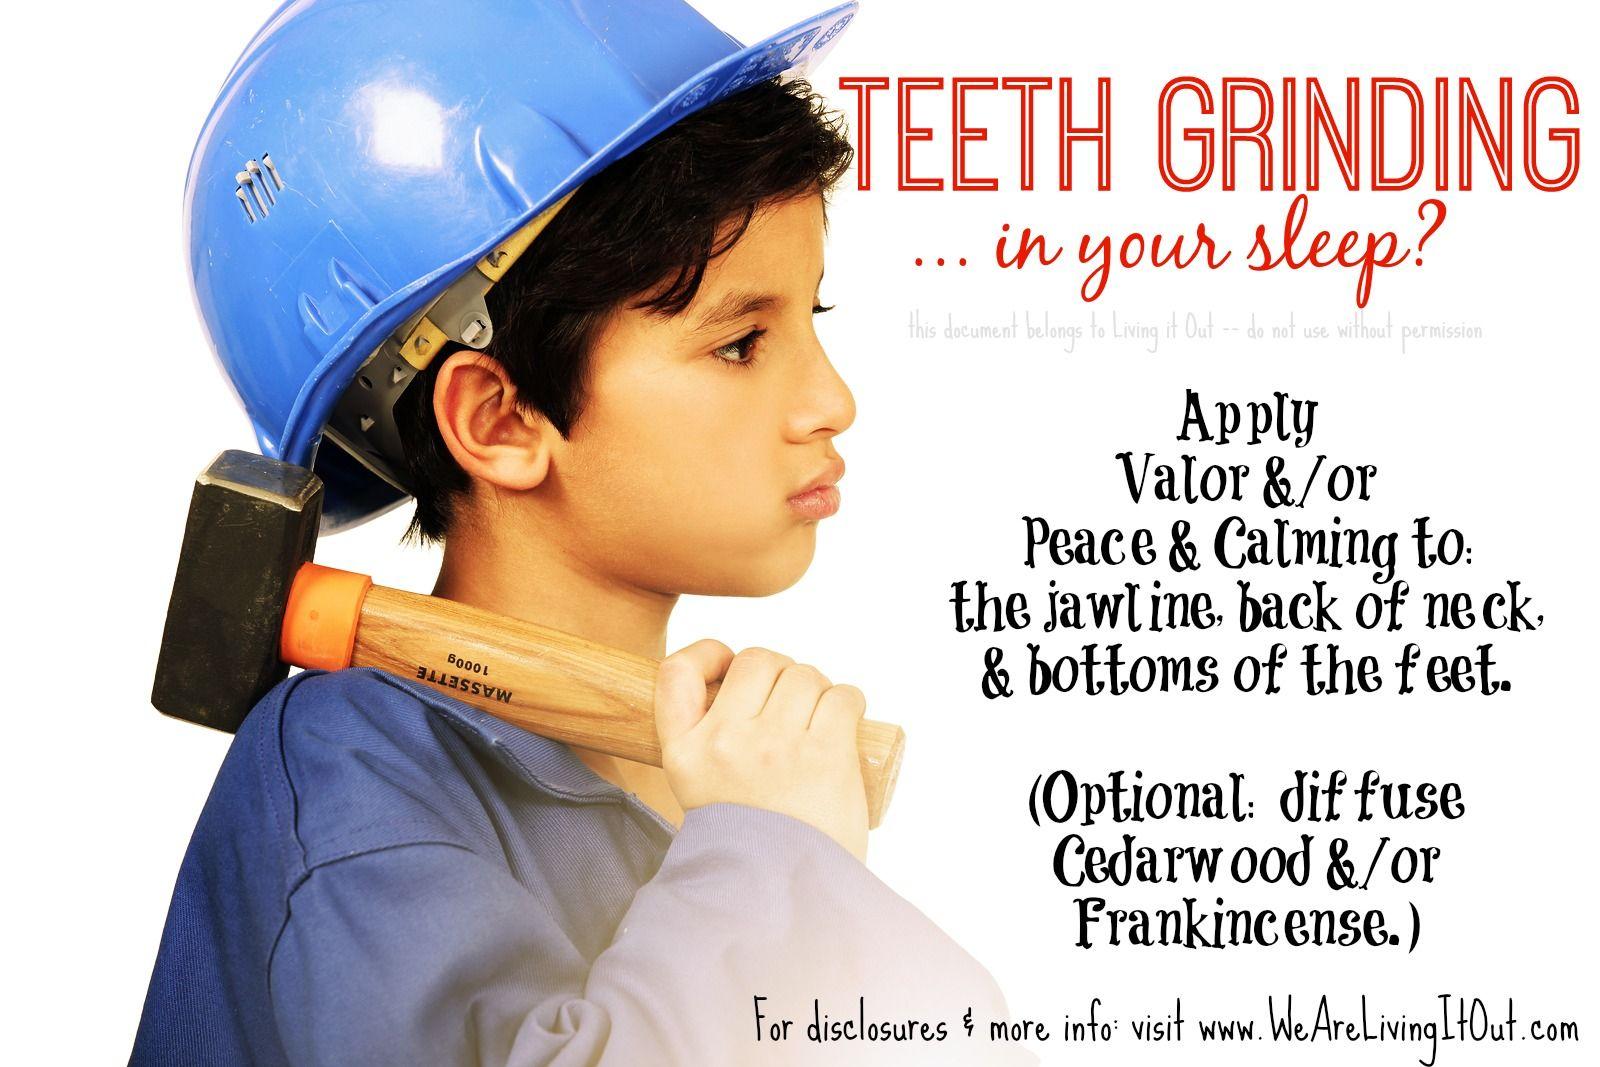 58e185c15a61d6cdb45458dfd64859b5 - How To Get My Kid To Stop Grinding Teeth